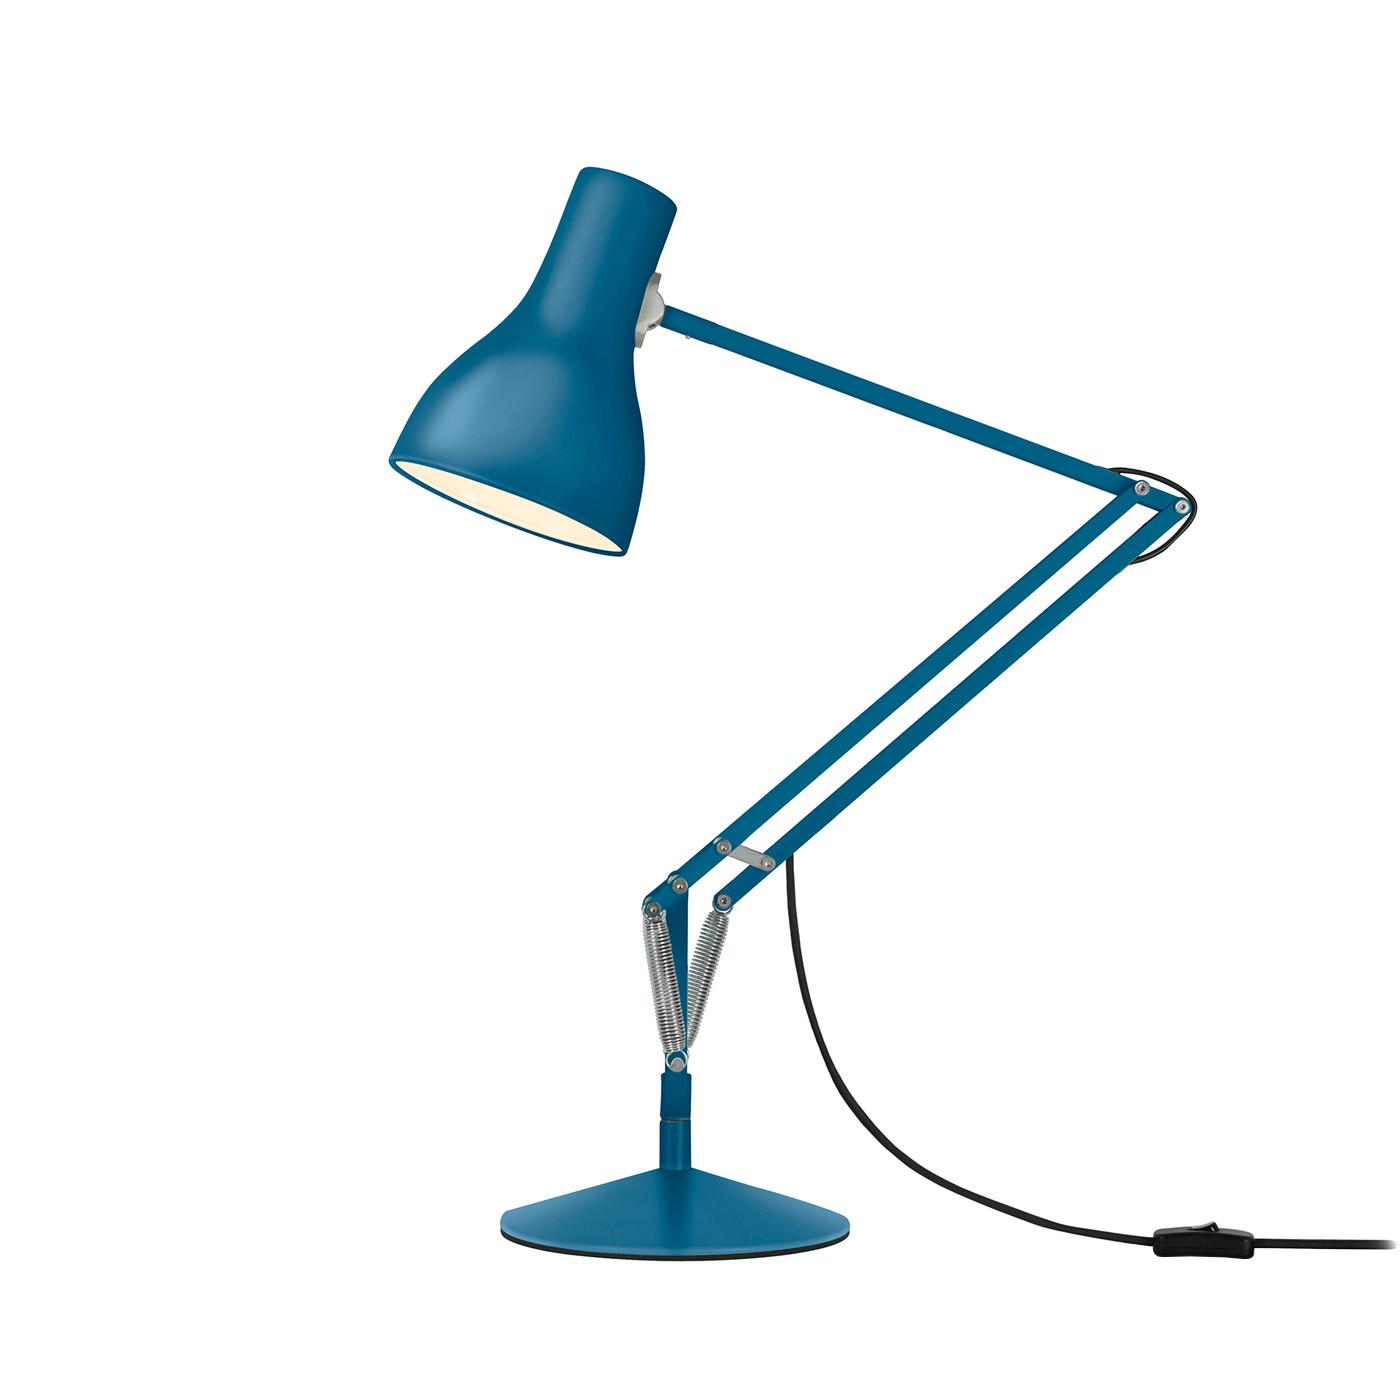 Anglepoise Type 75 Desk Lamp Margaret Howell Edition